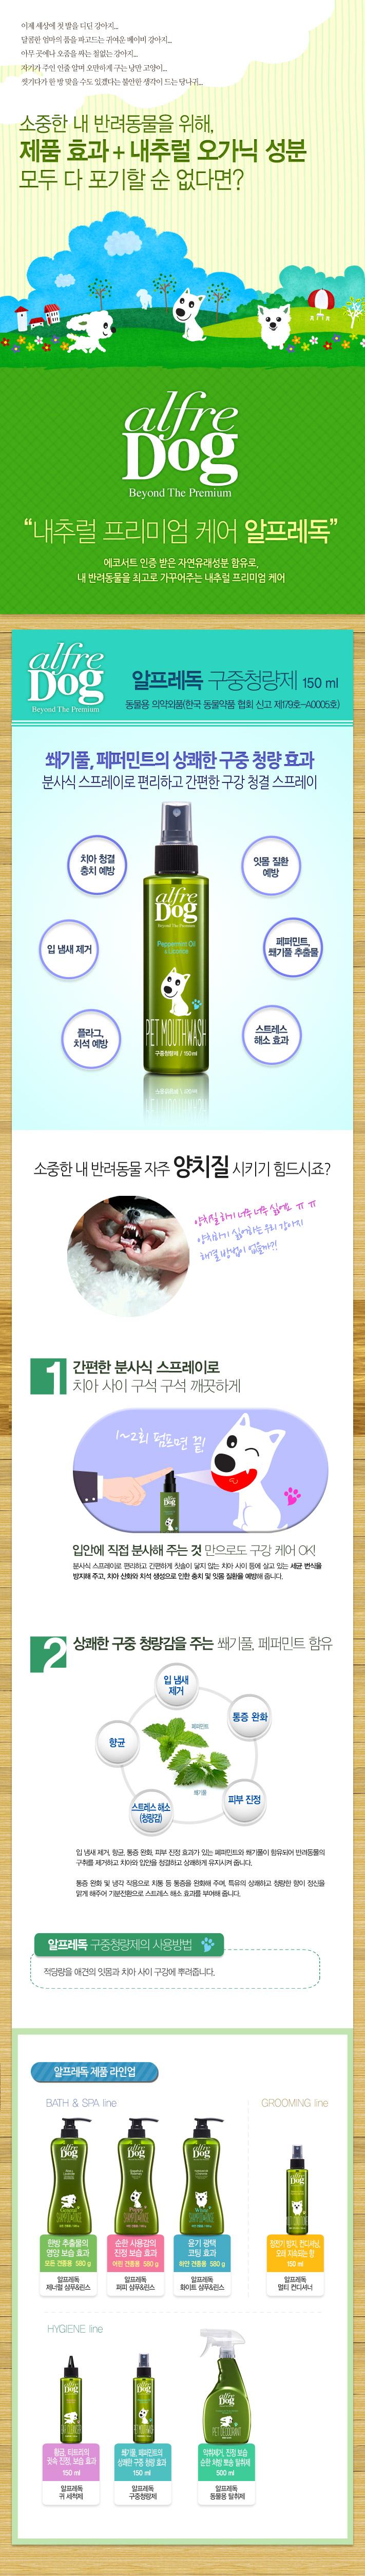 알프레독 구중 청량제 150ml - 스토어봄, 5,520원, 위생/배변용품, 치아 위생